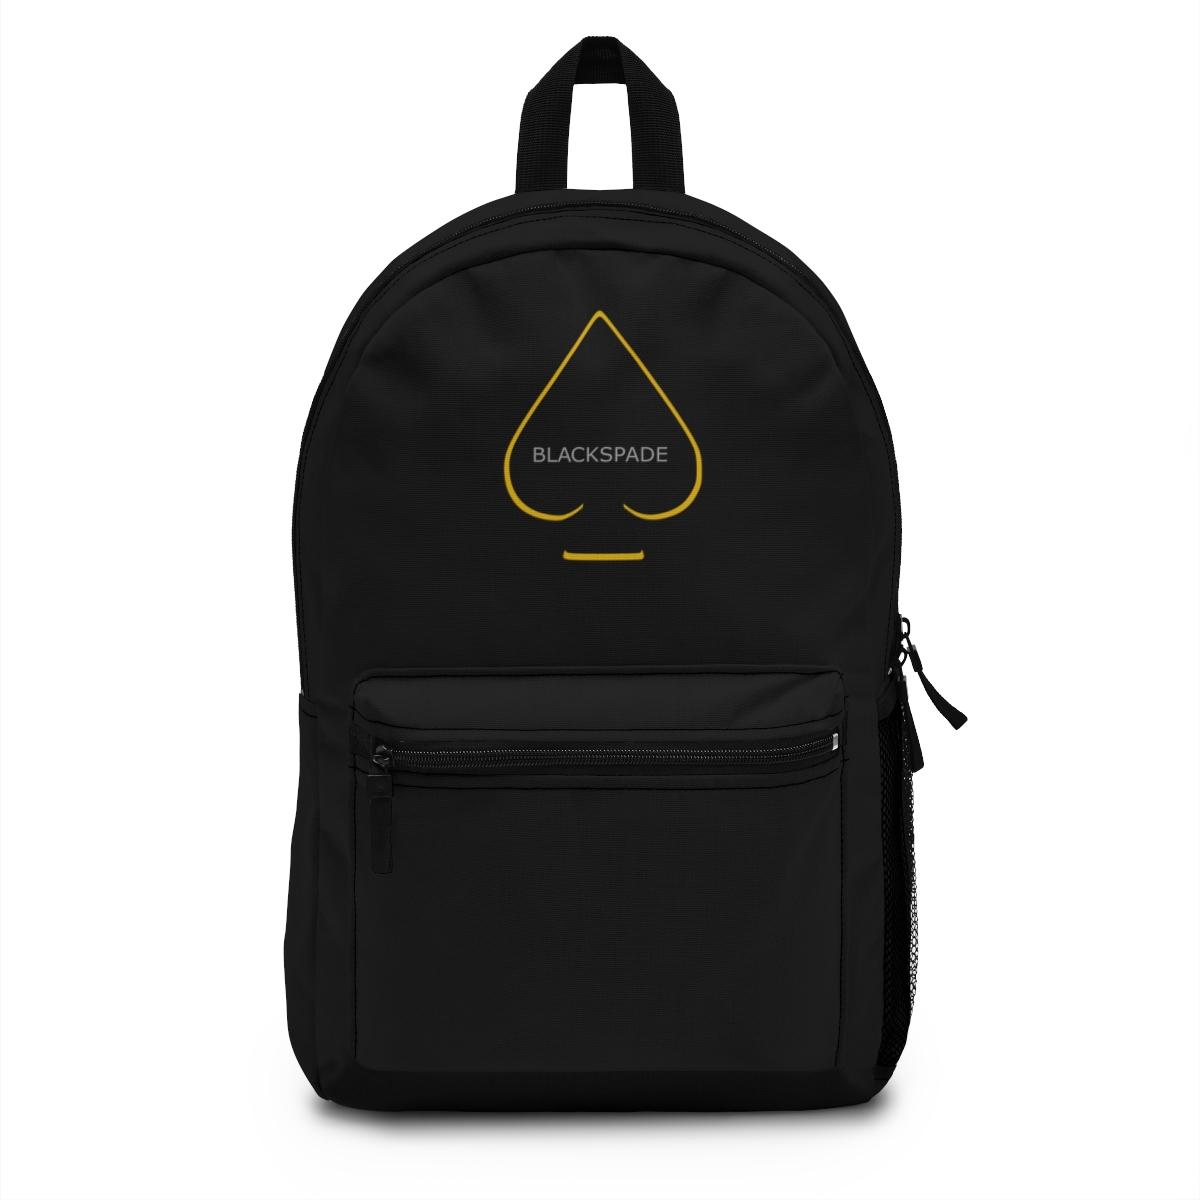 Blackspade Blackpack